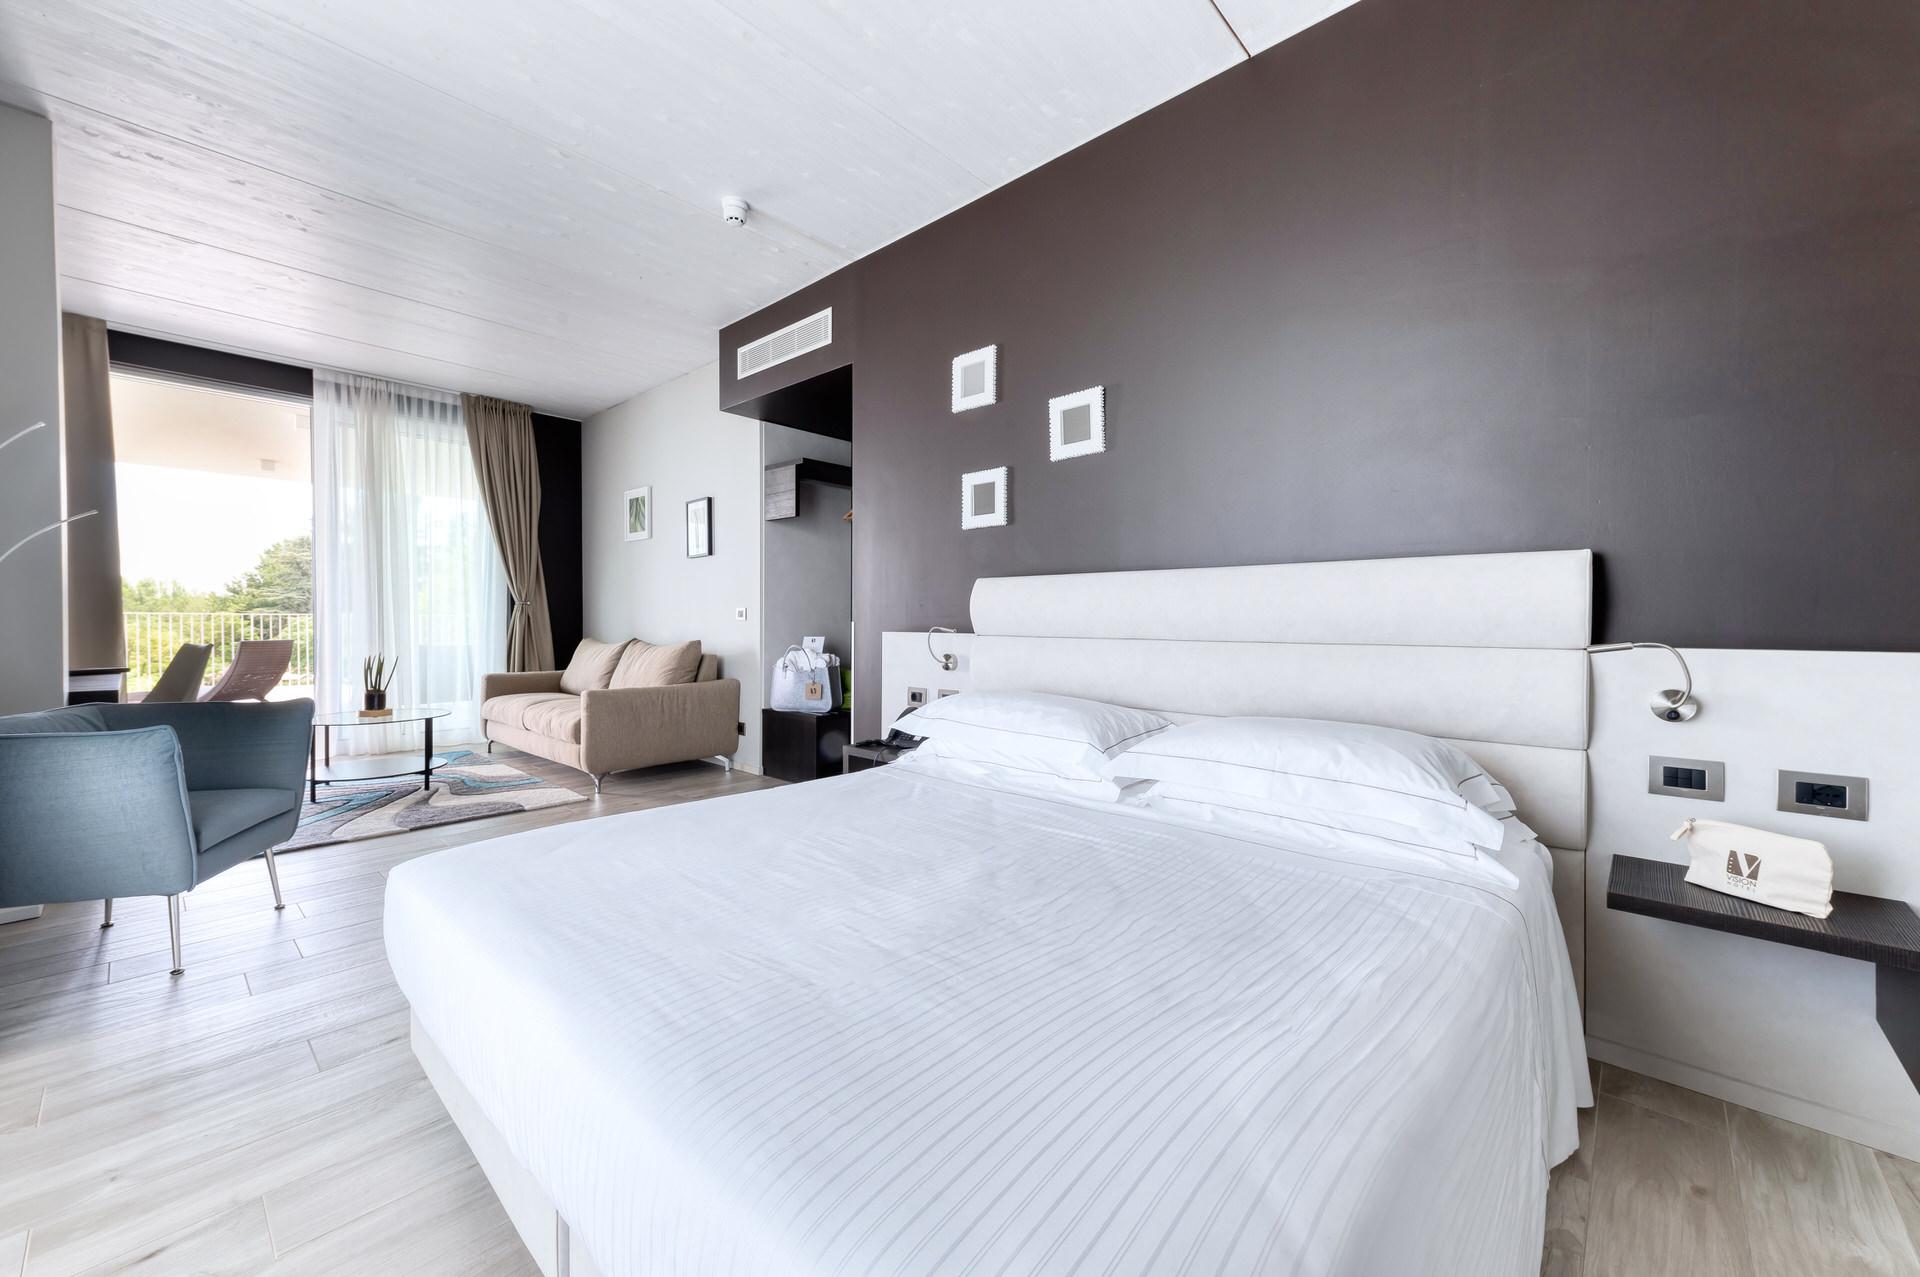 servizio fotografico professionale camera letto hotel lago garda